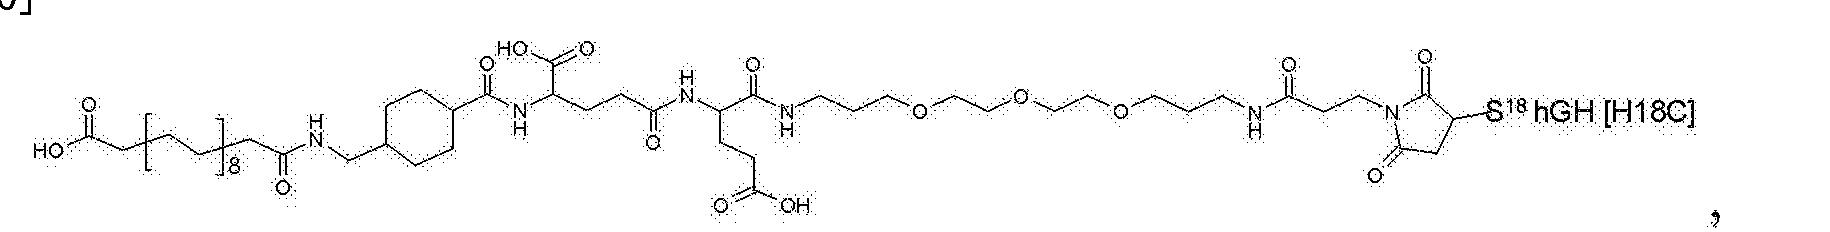 Figure CN103002918BD01324